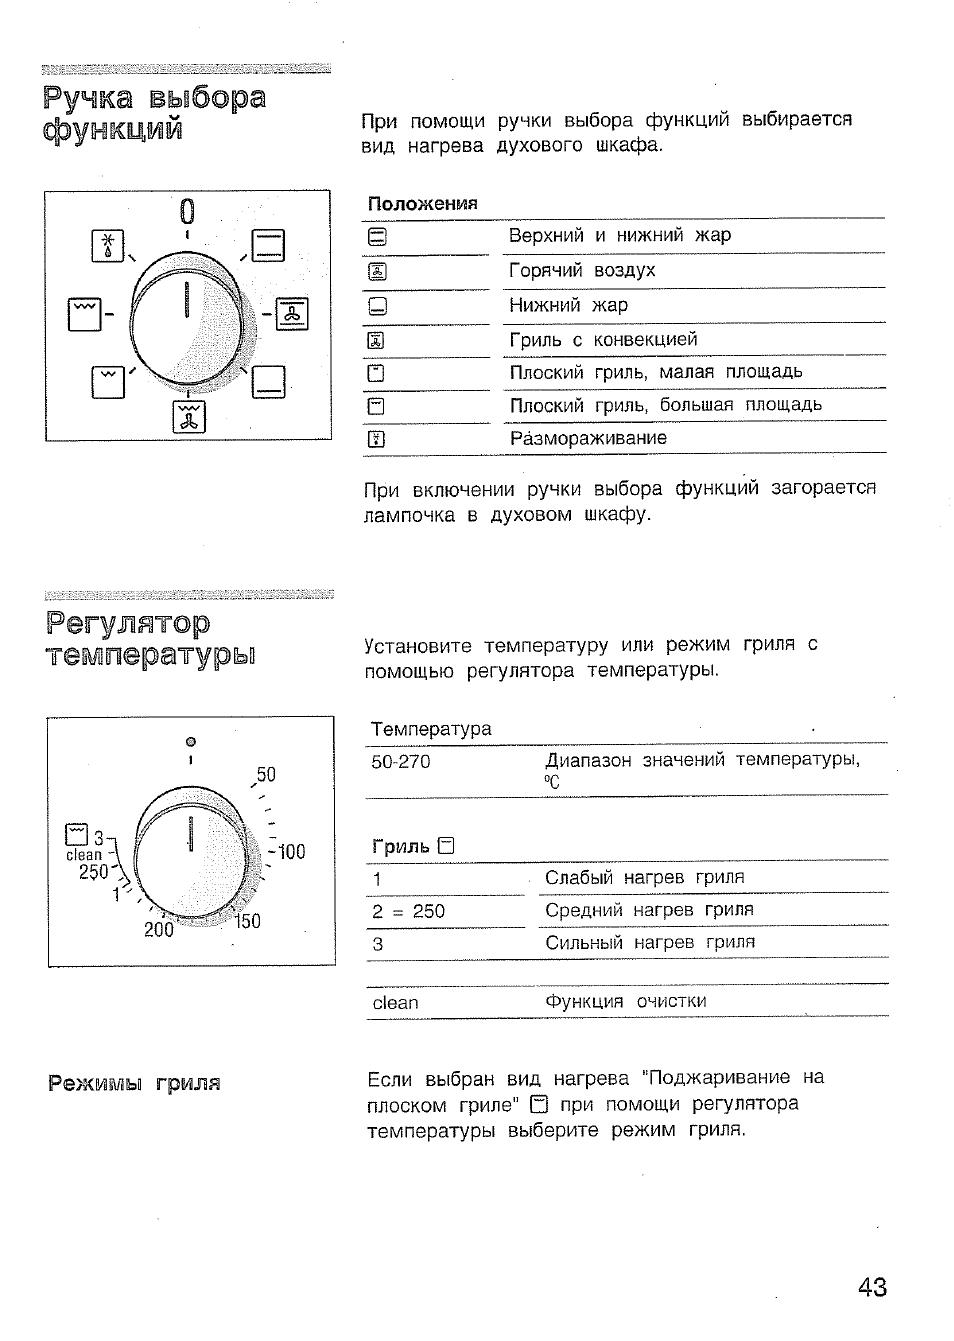 инструкция по эксплуатации к плите bosch